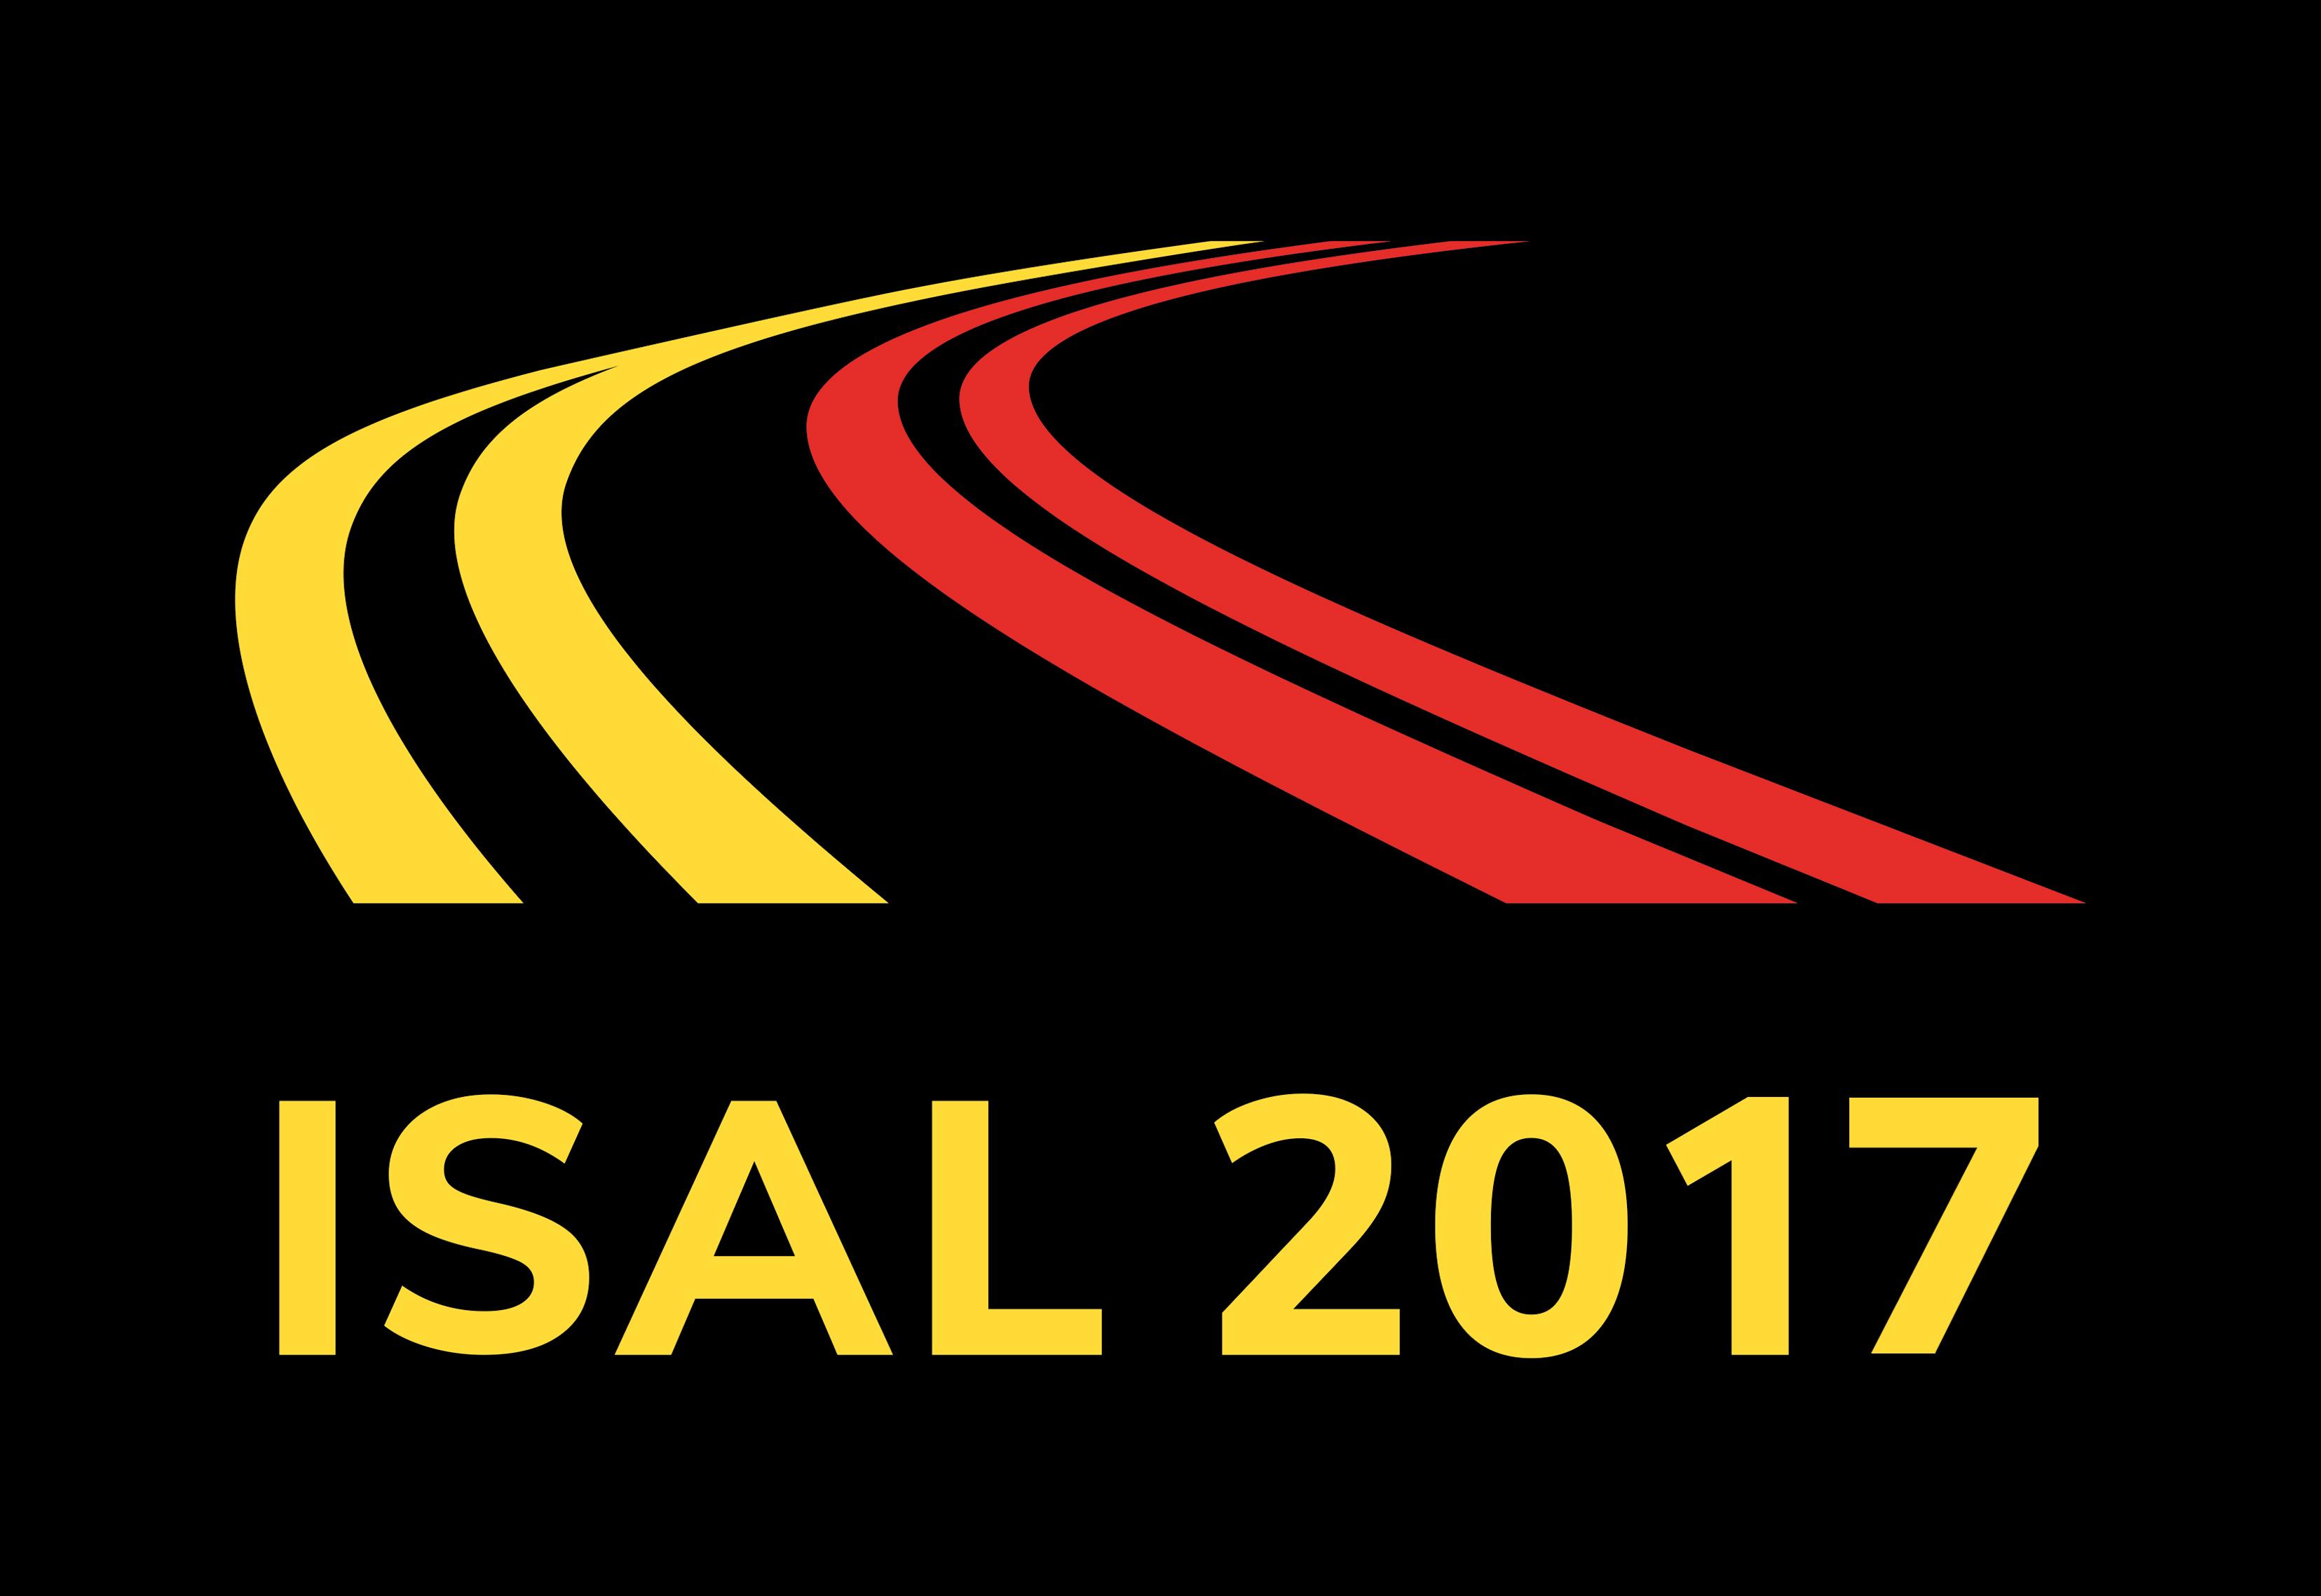 ISAL 2017